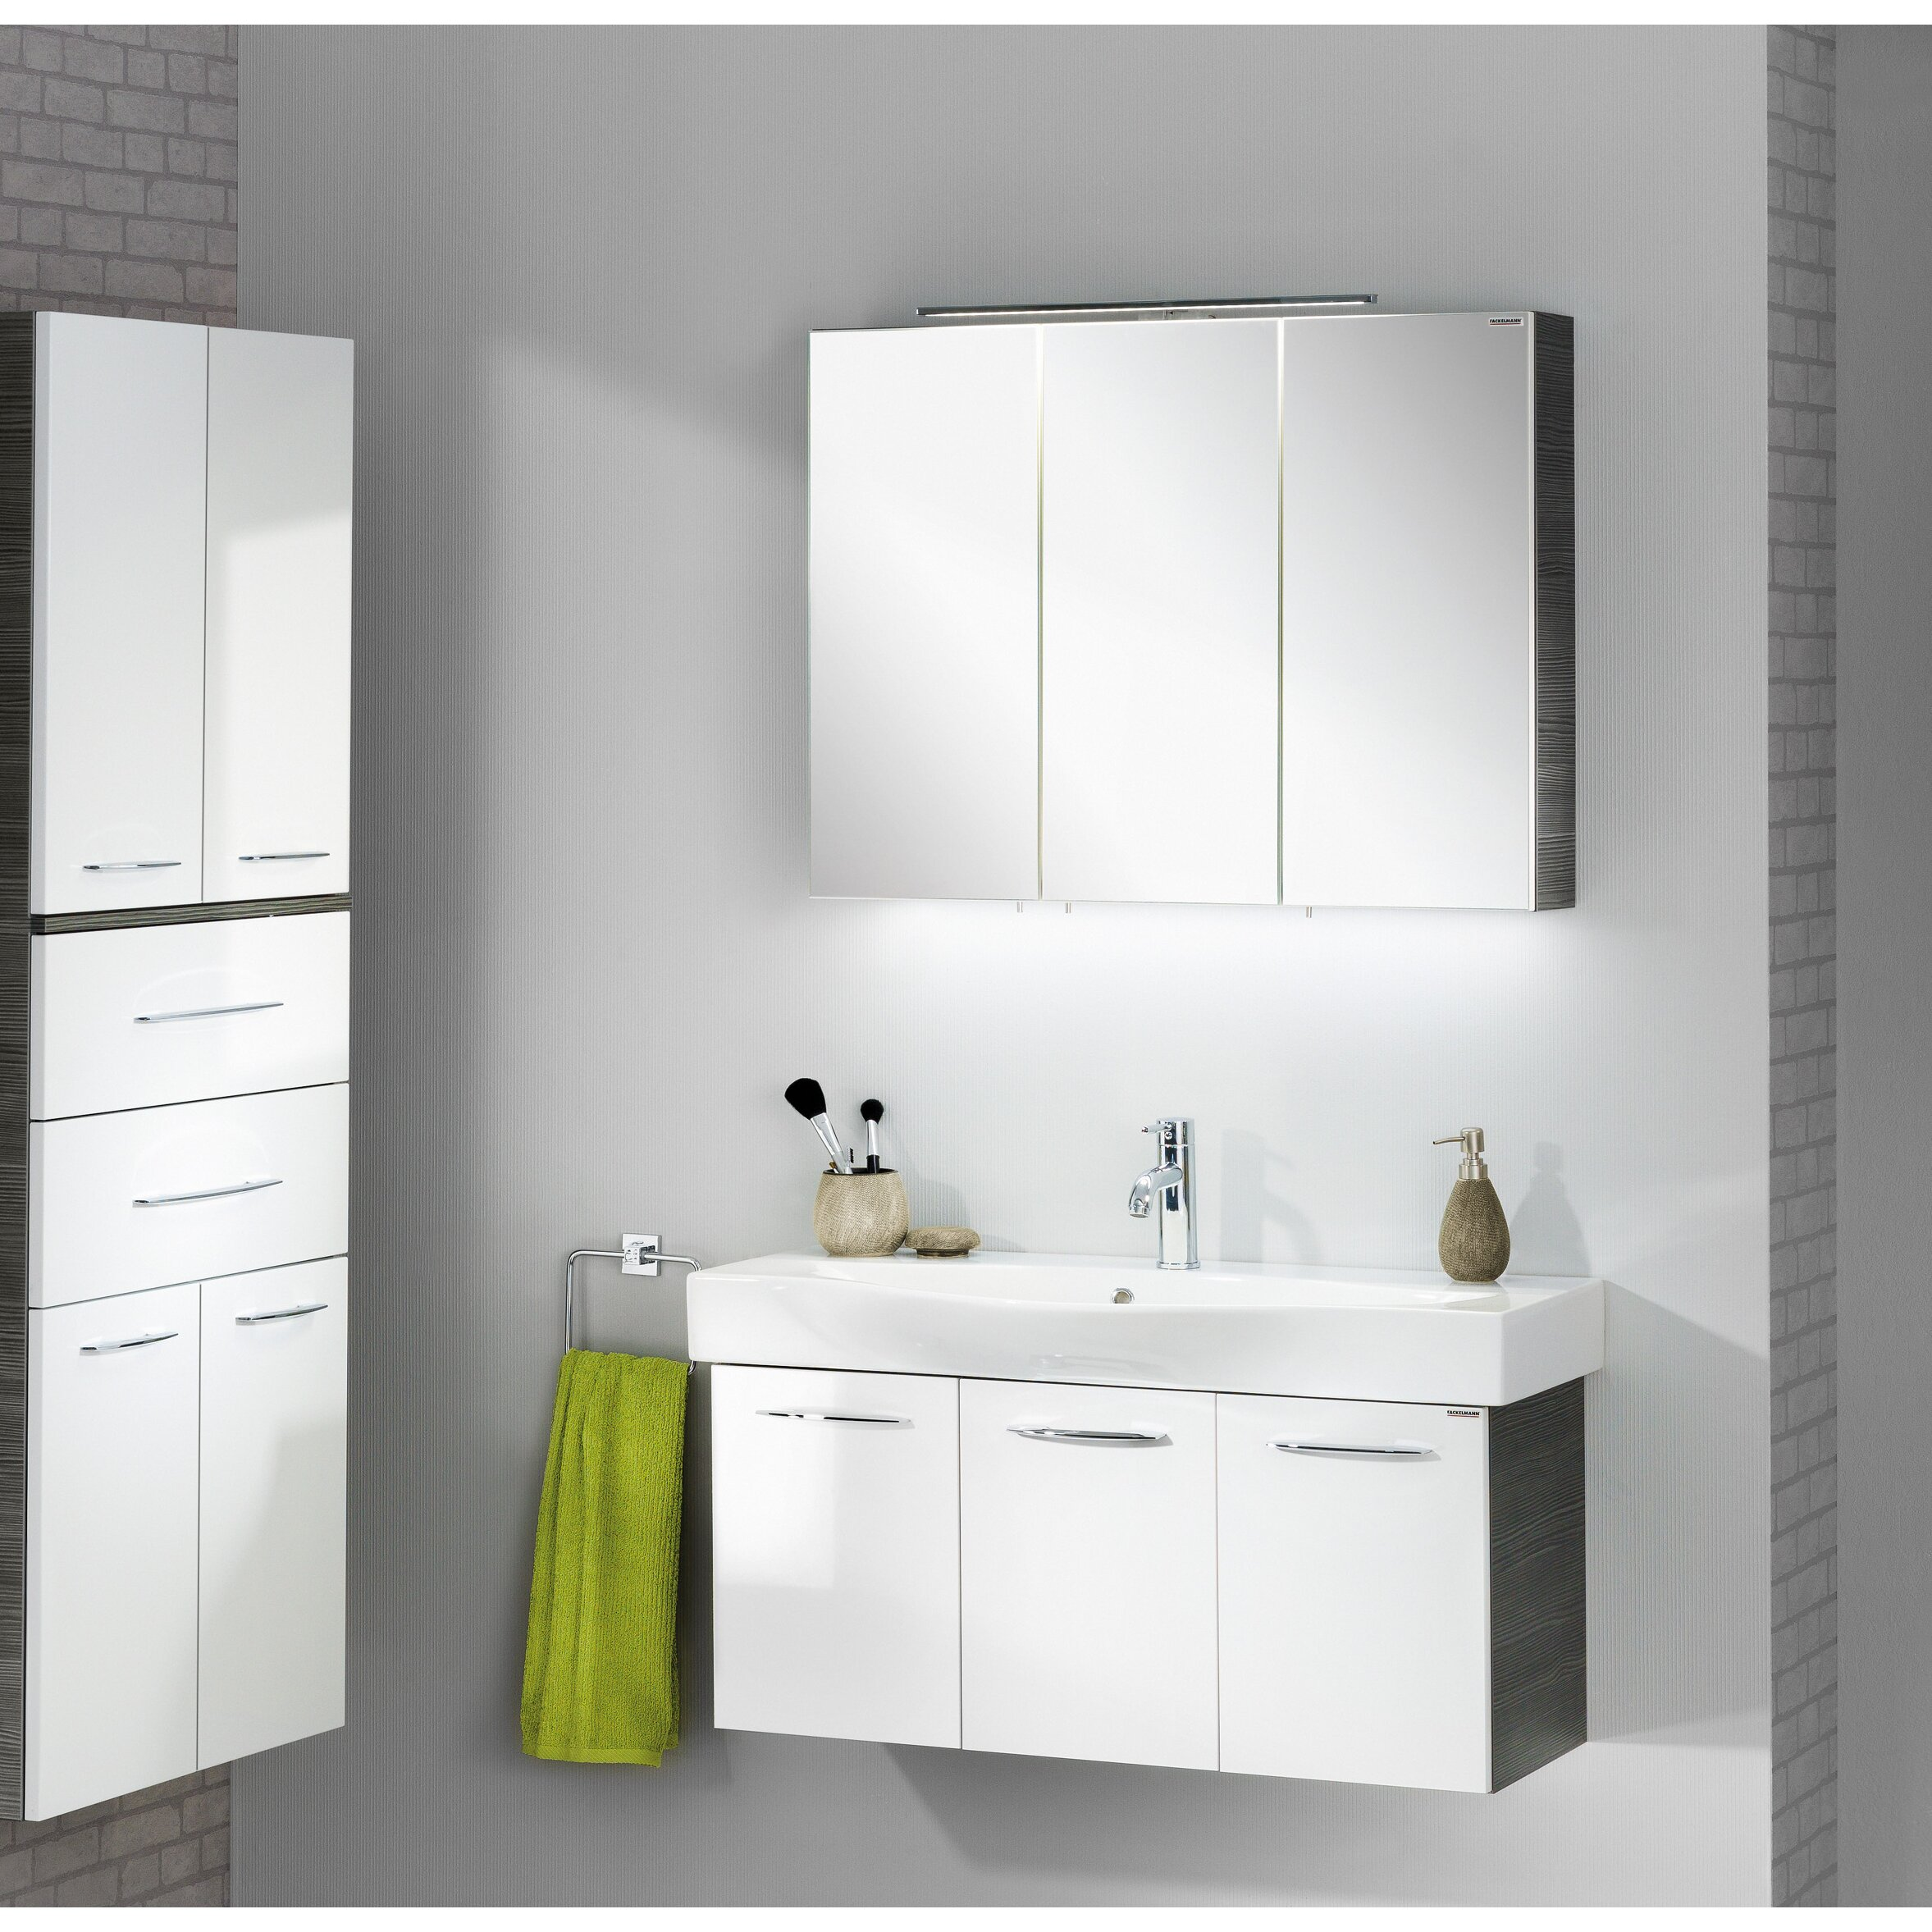 90 x 68 cm spiegelschrank vadea von fackelmann. Black Bedroom Furniture Sets. Home Design Ideas